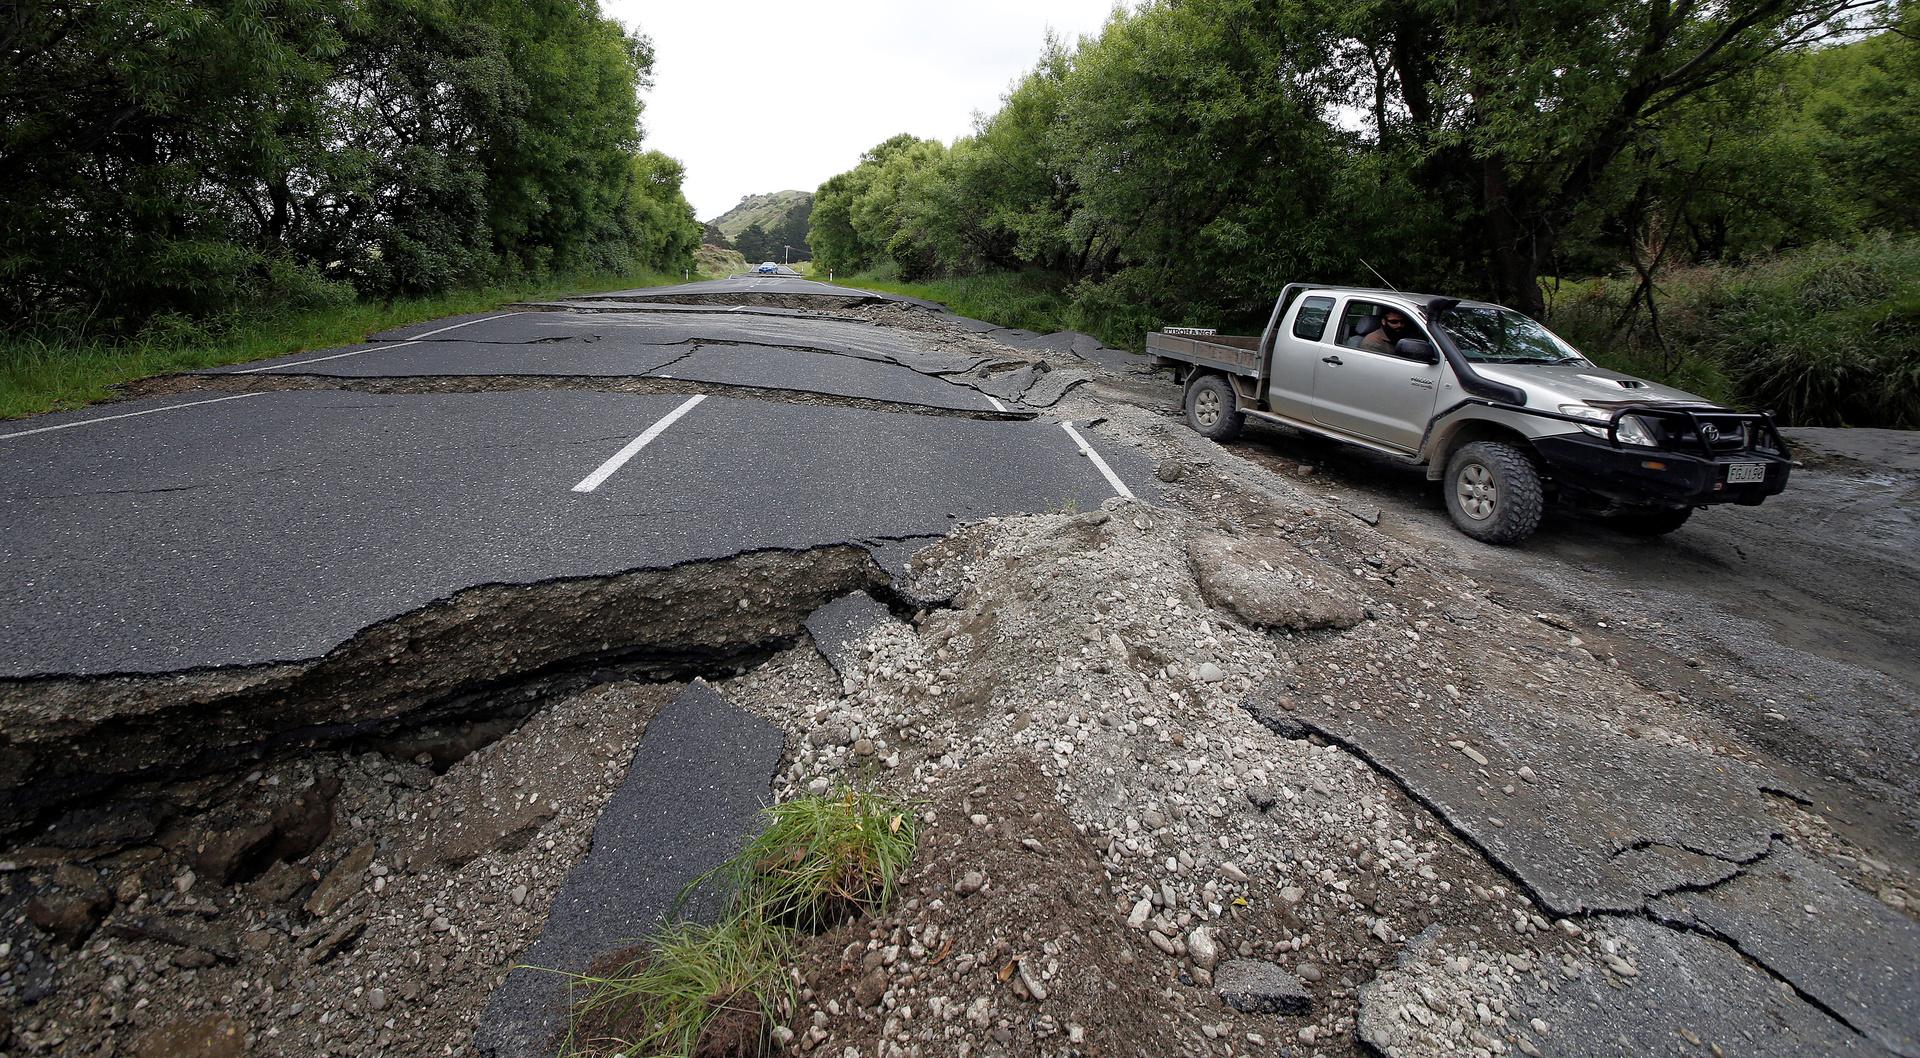 زلزال بقوة 6,1 درجة في المحيط الهادئ